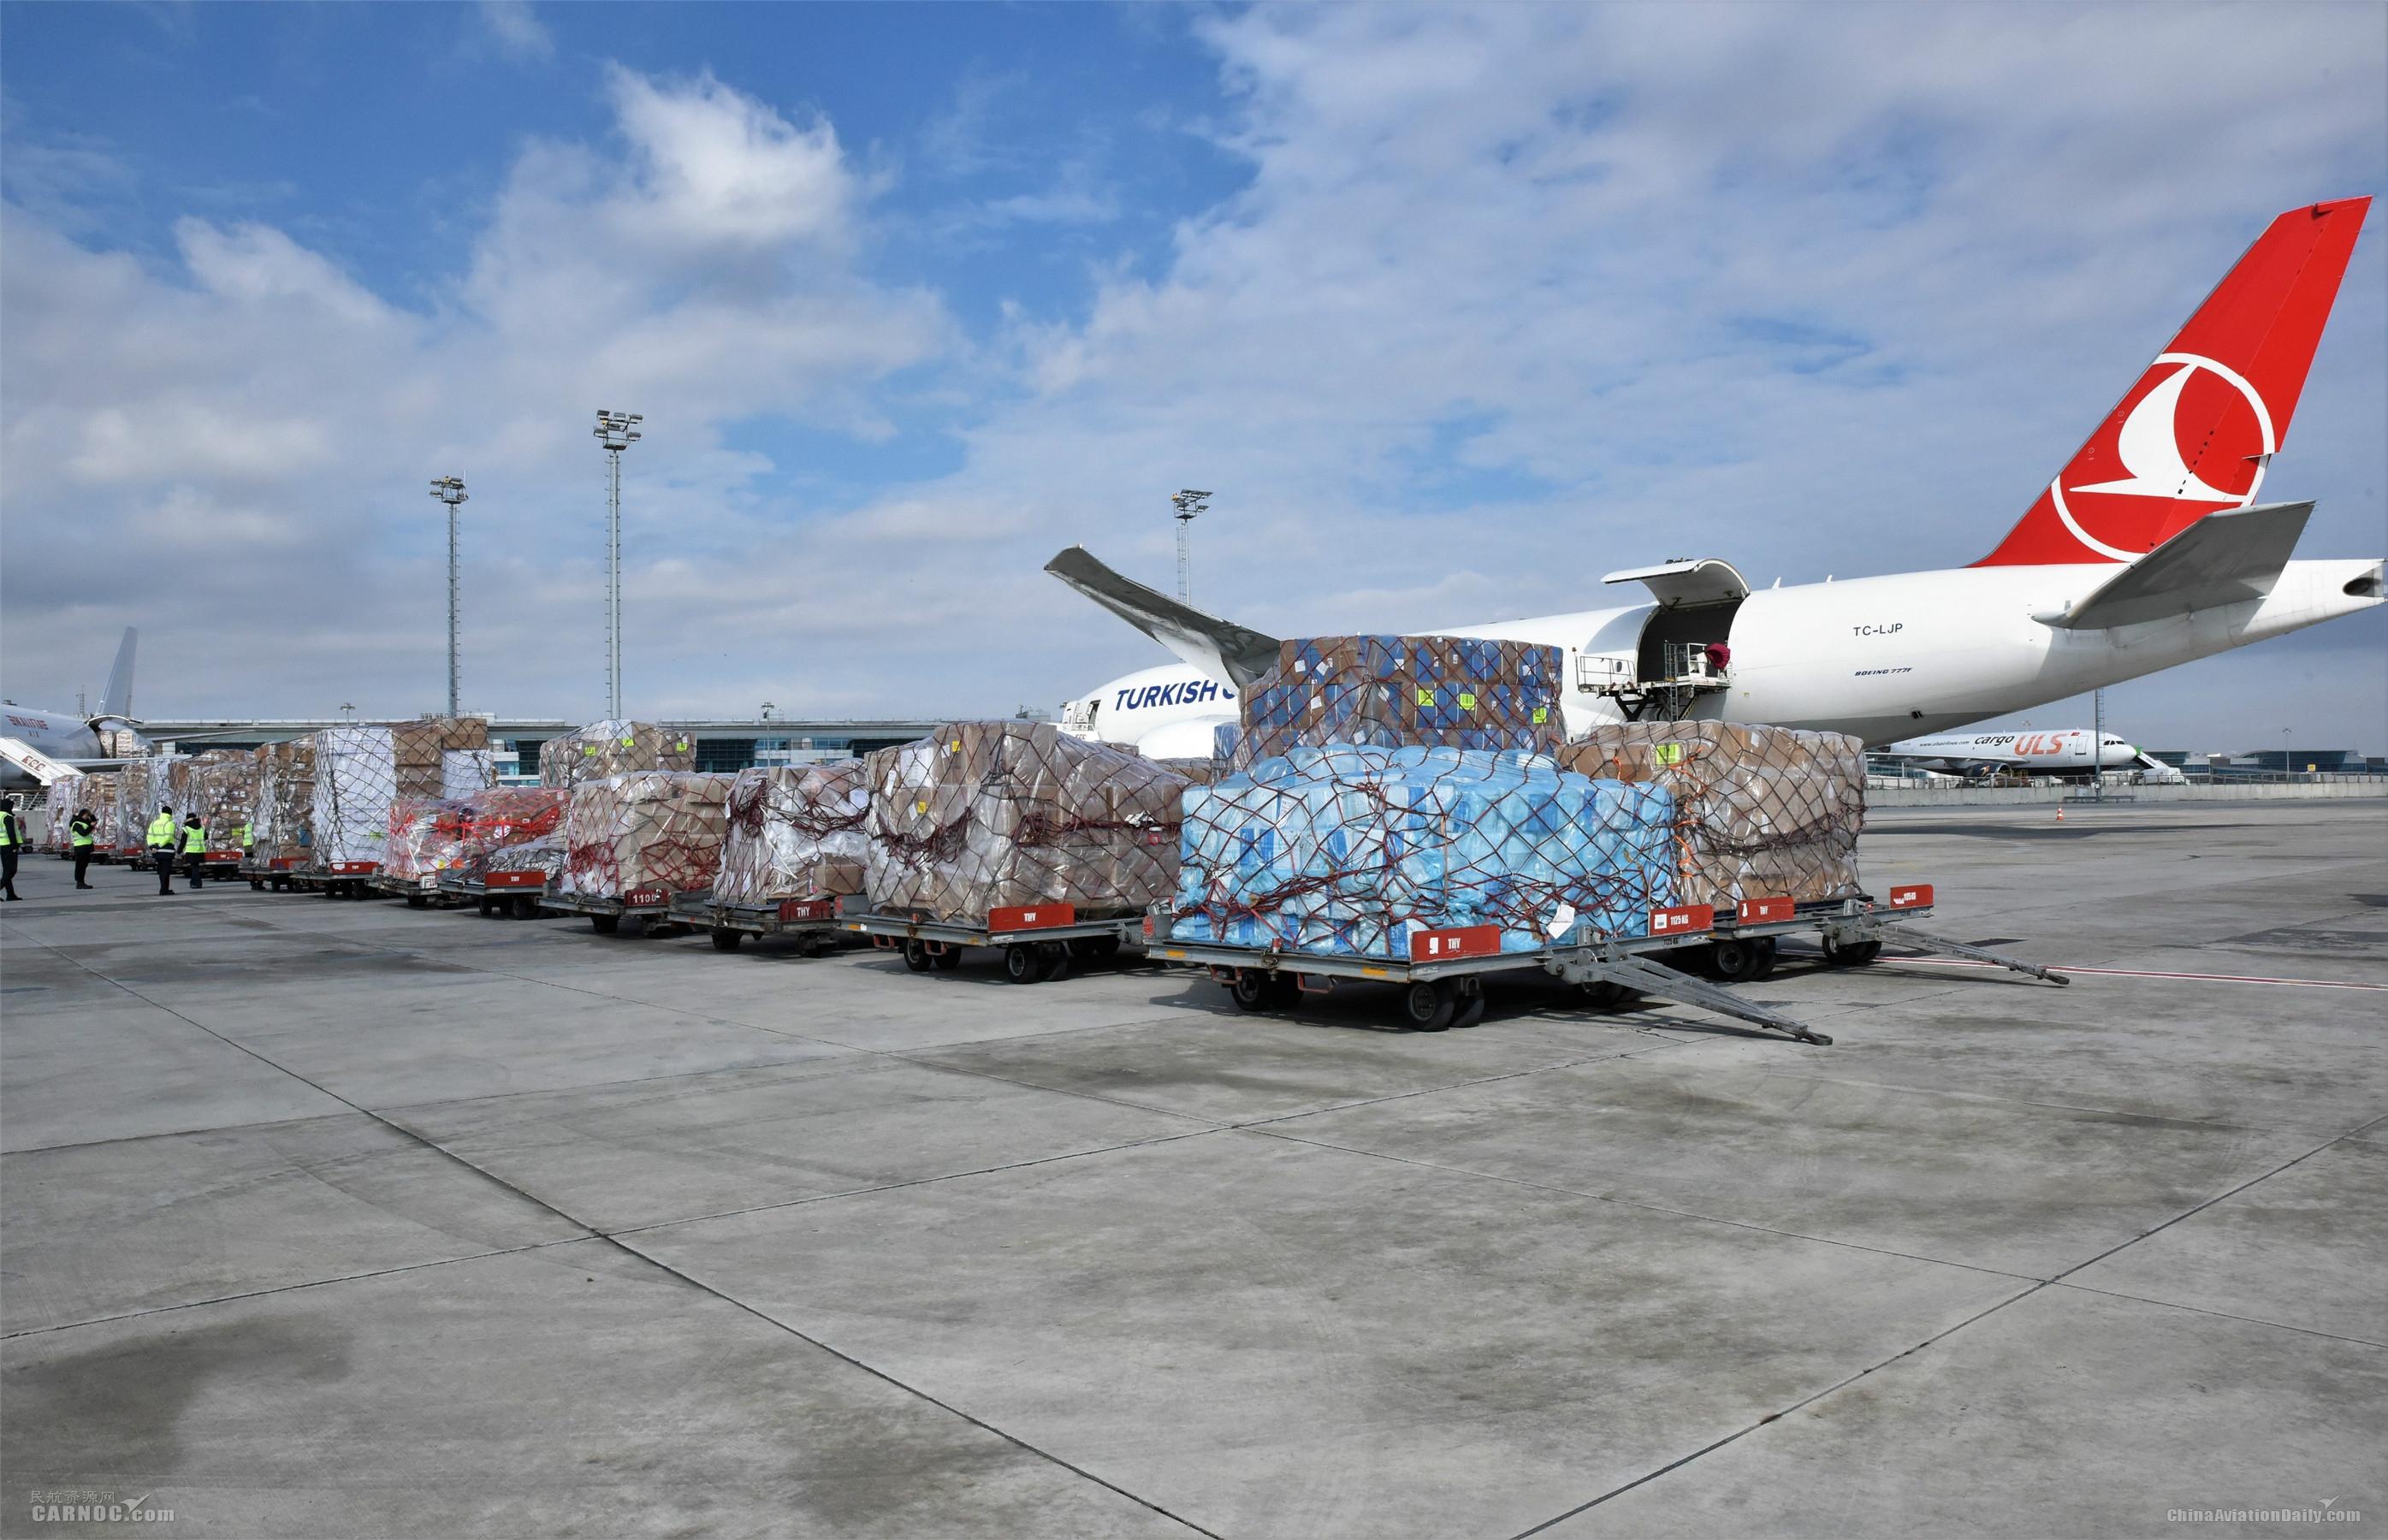 土耳其航空向中国运送人道主义救援物资和医疗用品